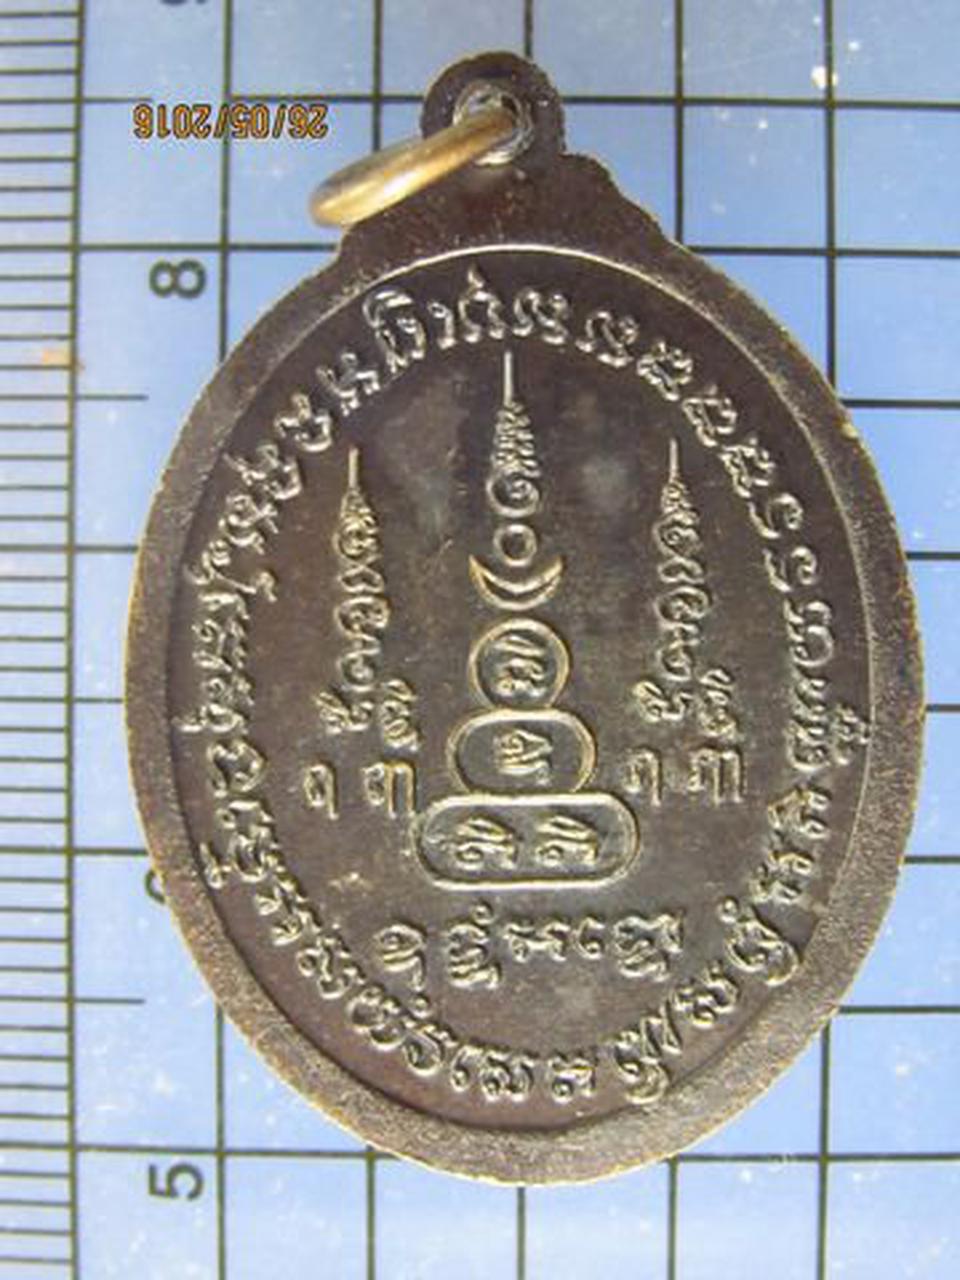 3445 เหรียญรุ่นแรก หลวงพ่อโกวิท วัดสามัคคีธรรม จ.บึงกาฬ รูปที่ 1